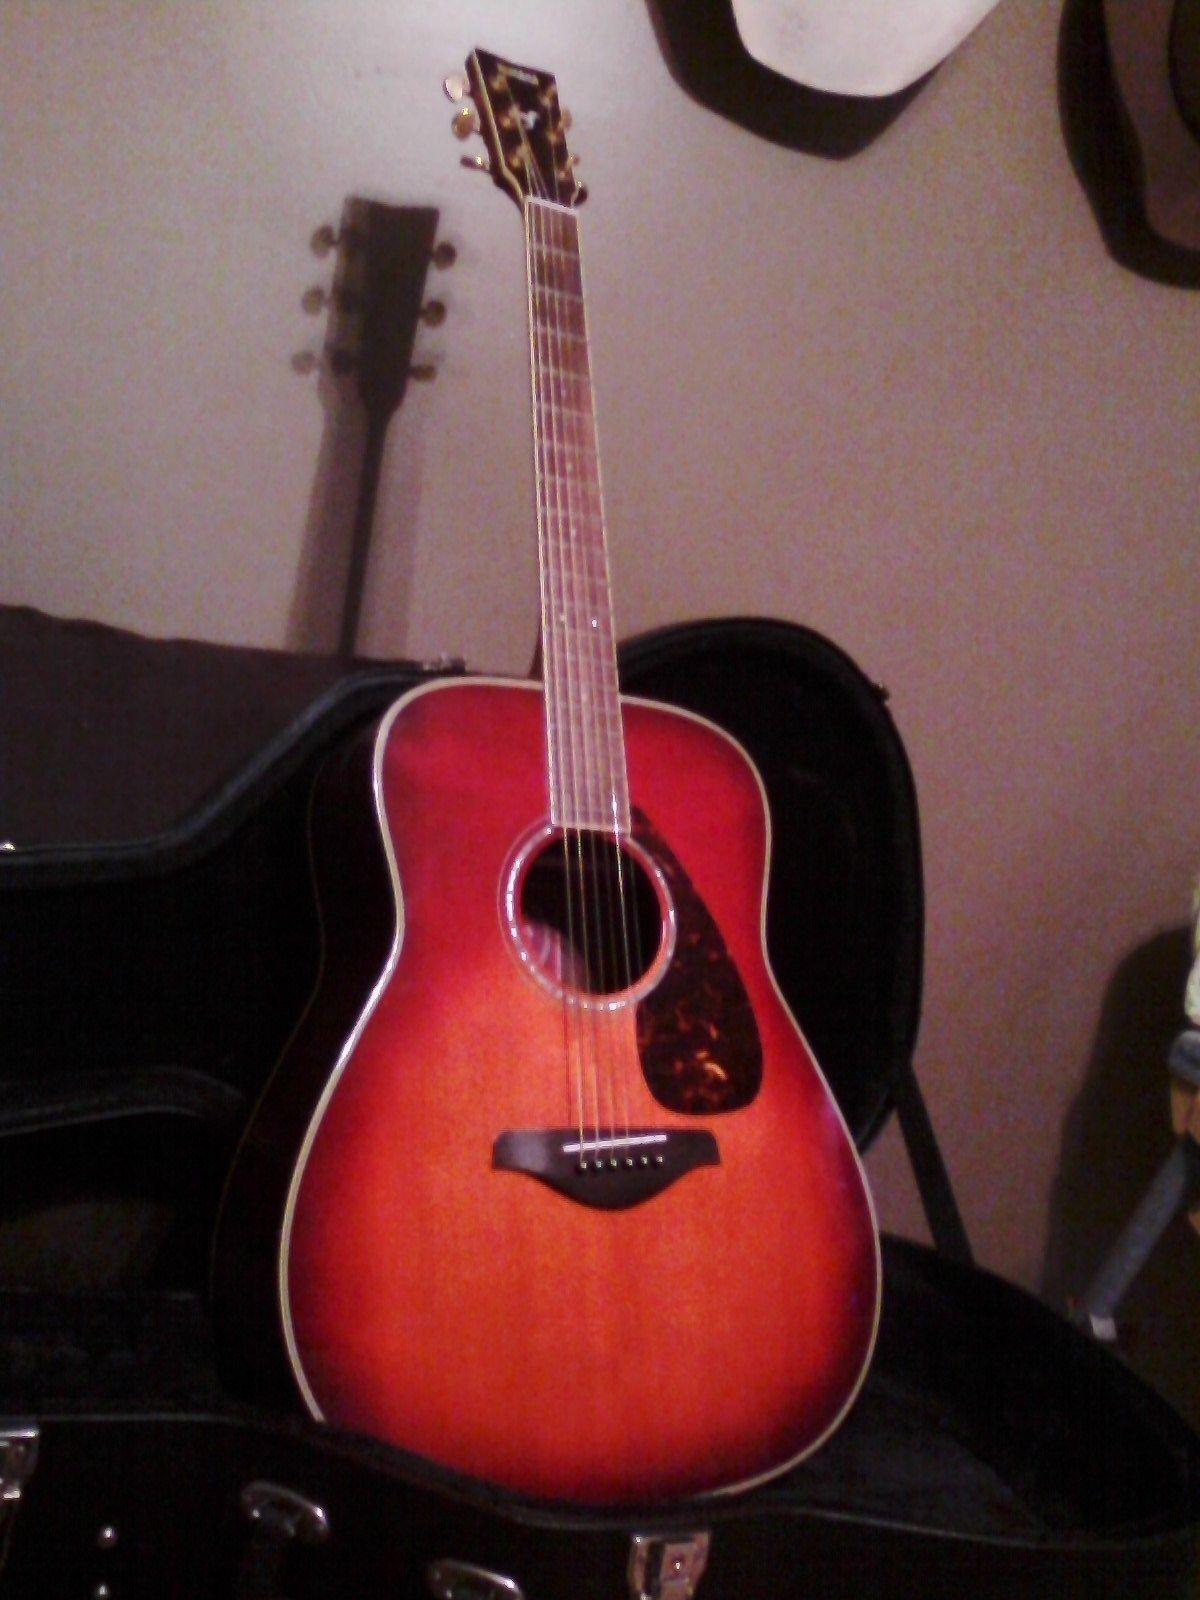 Yamaha Fg735s Vcs Acoustic Guitar Guitar Acoustic Guitar Ukulele Music